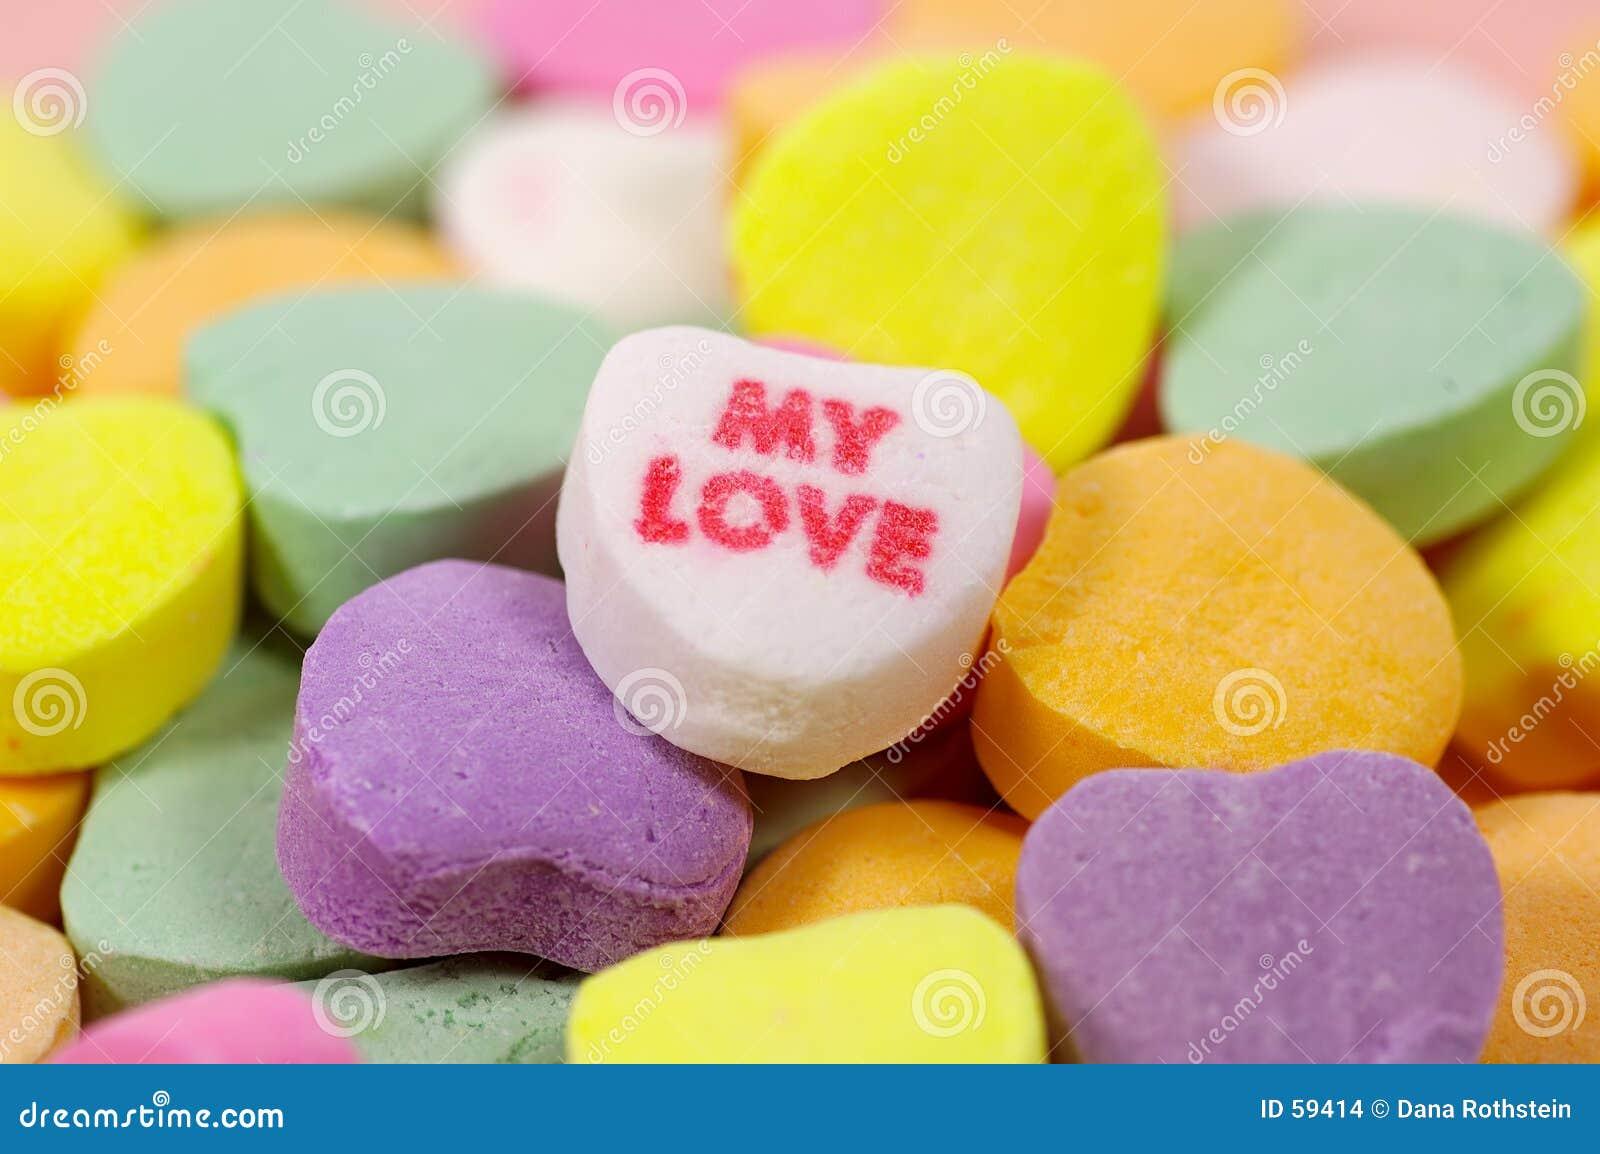 Meine Liebe